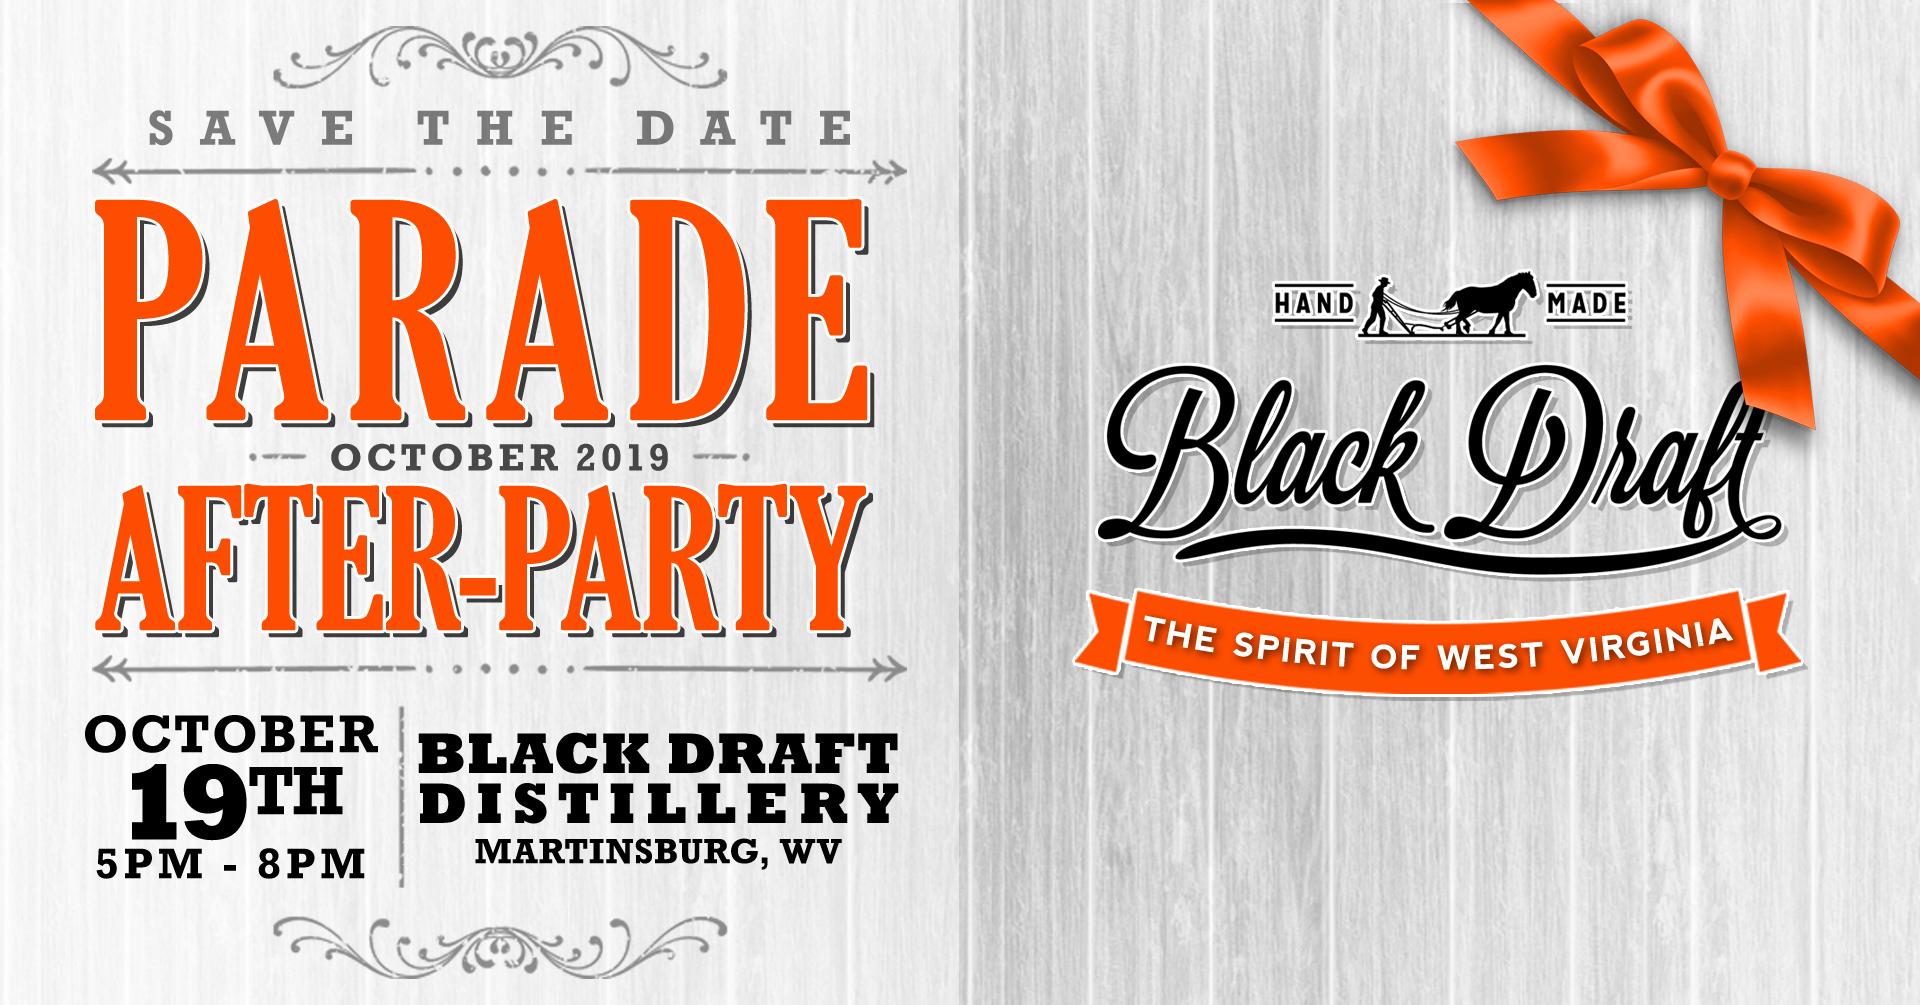 Black Draft Distillery's MSAHF Parade After-Party